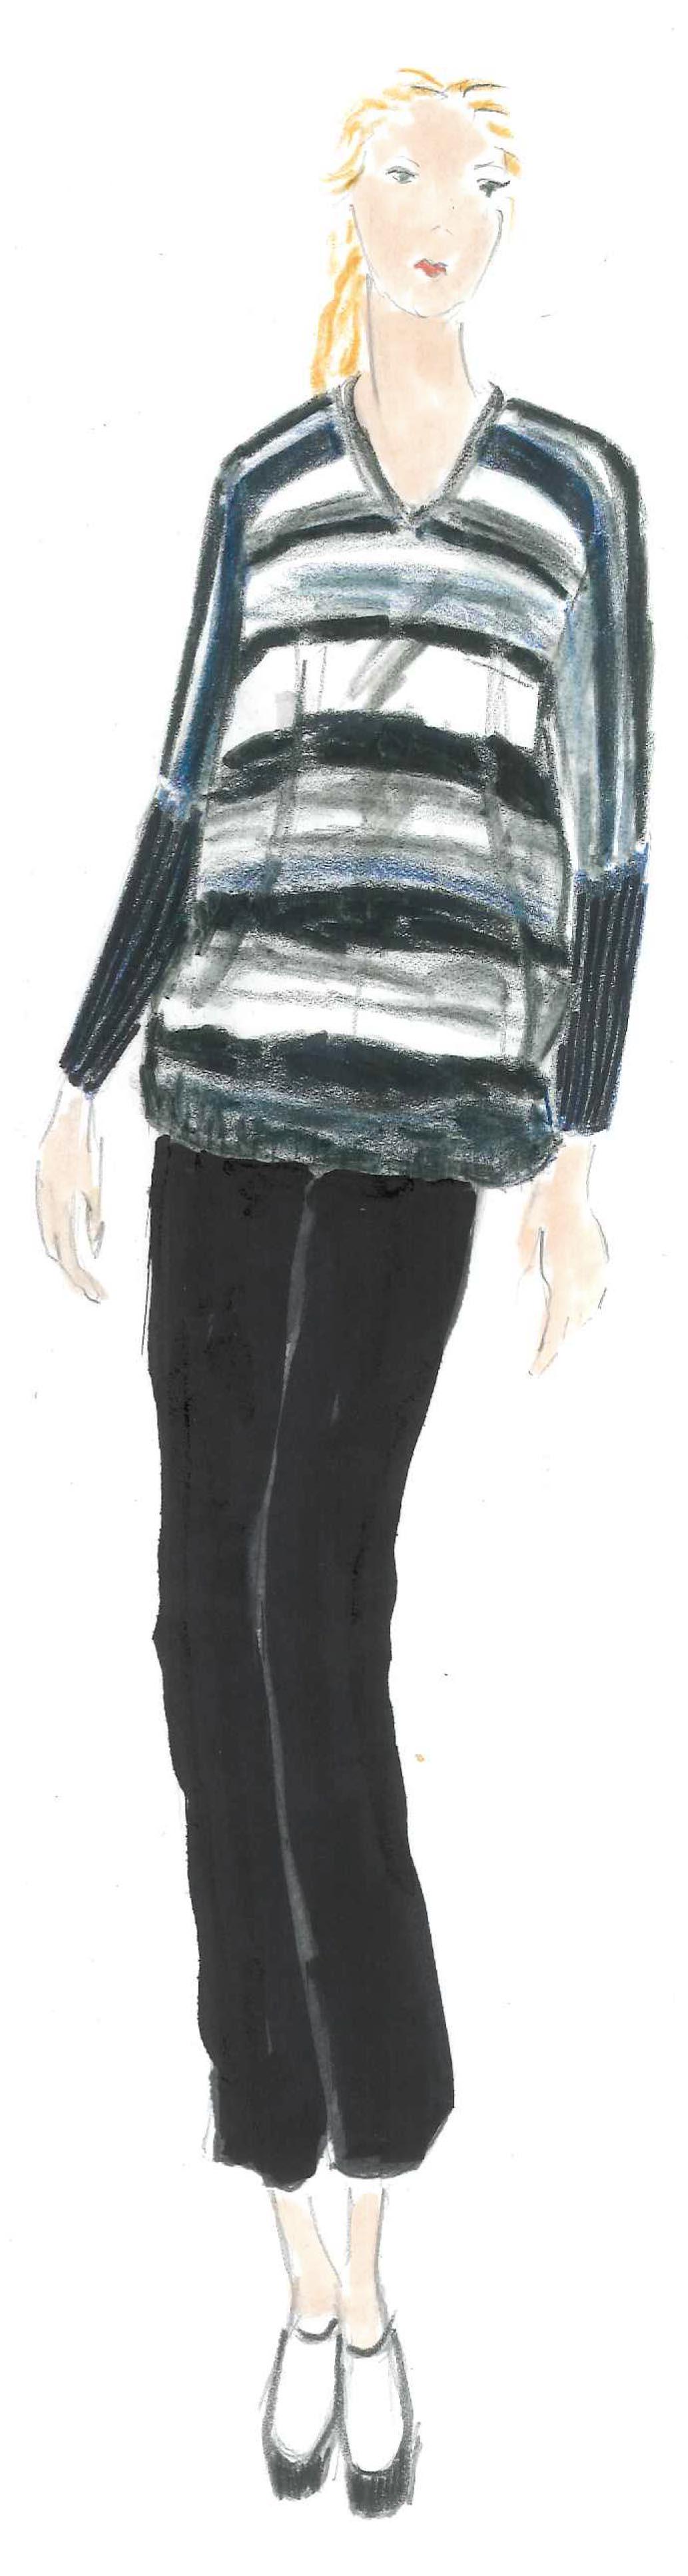 stripe_sweater_sketch.jpg